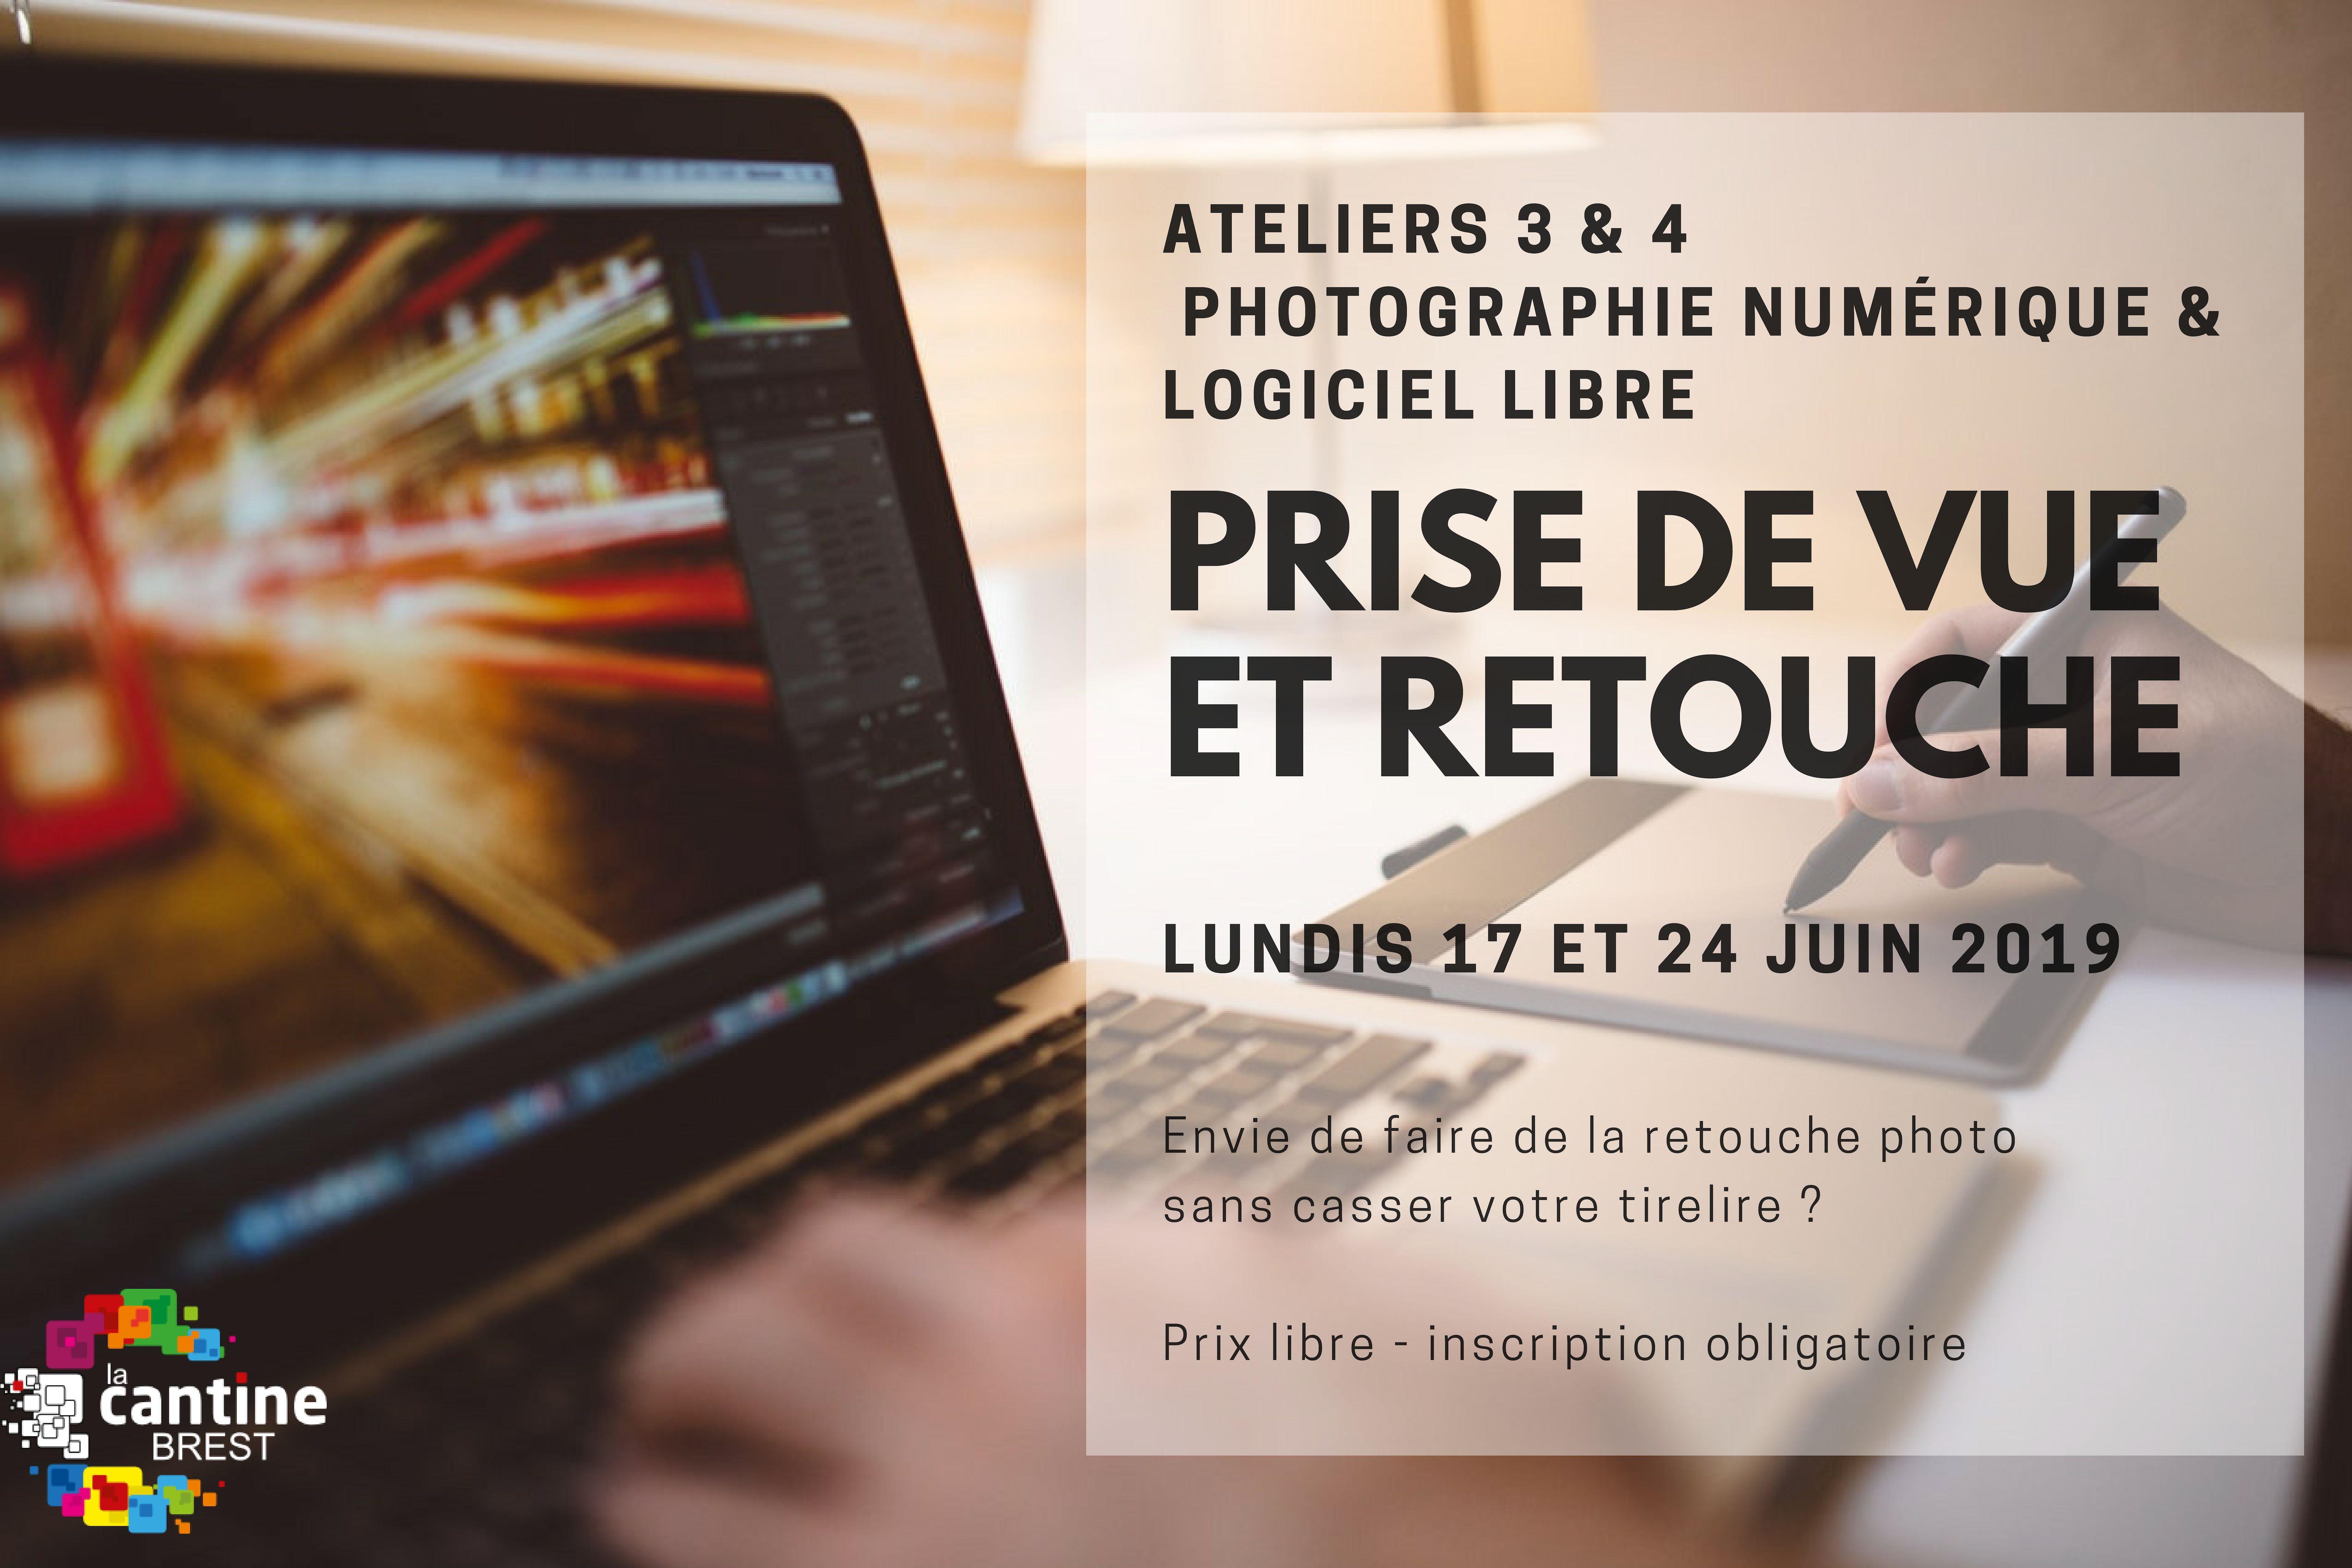 DÉCALÉ // Ateliers photo numérique & logiciel libre : prise de vue et retouche @ La Cantine numérique Brest